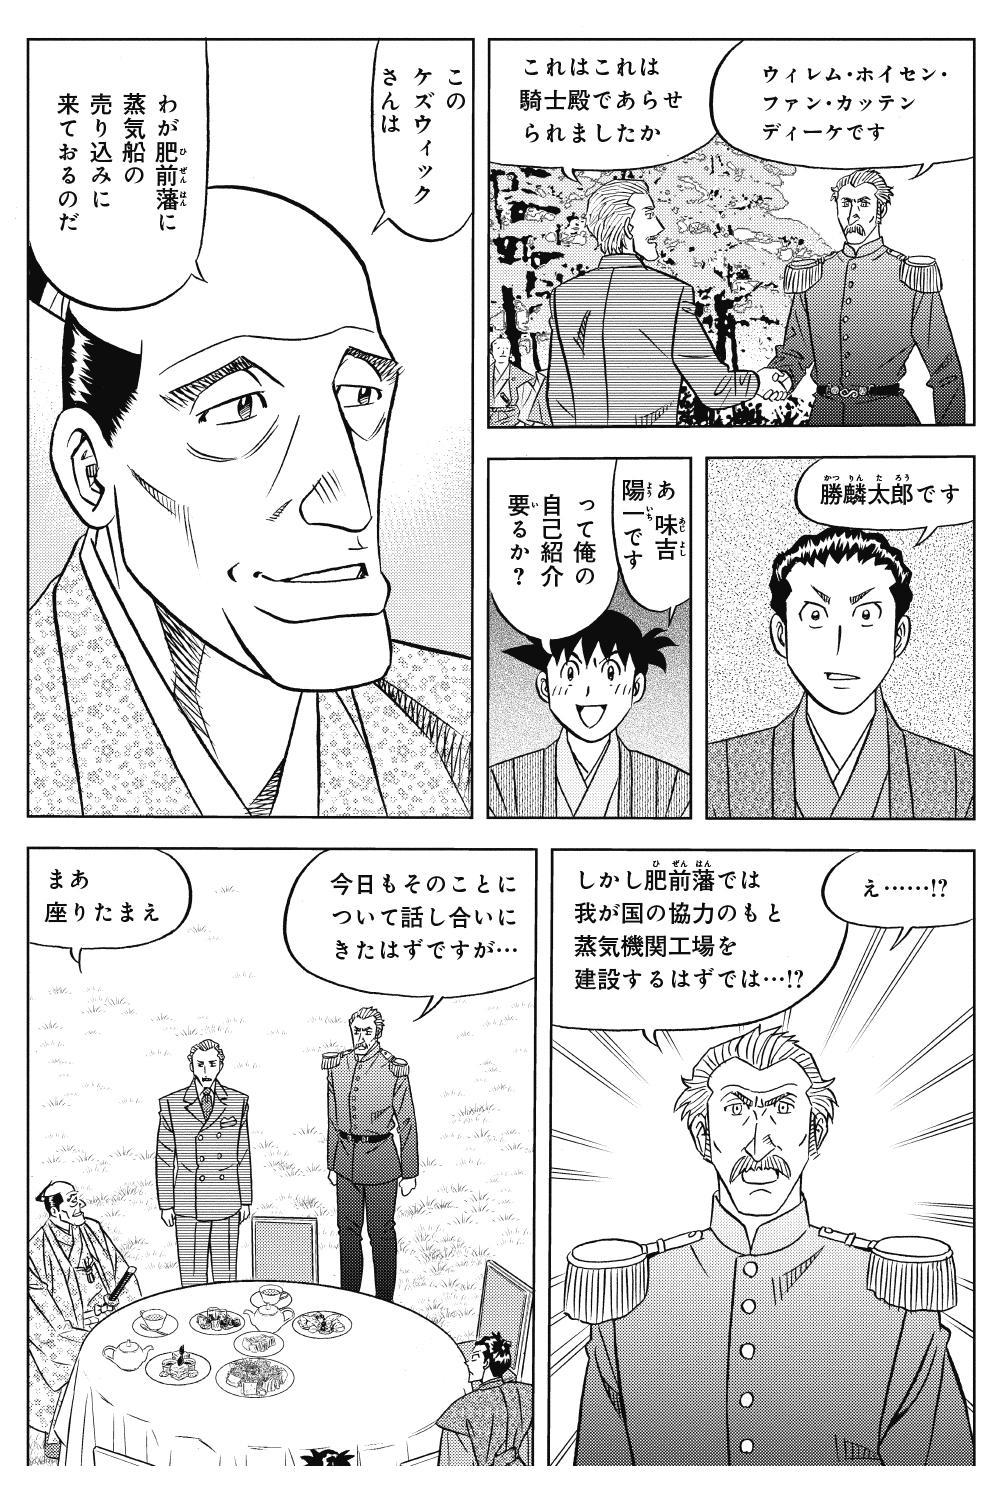 ミスター味っ子 幕末編 第2話「列強襲来」①ajikko2-1-12.jpg